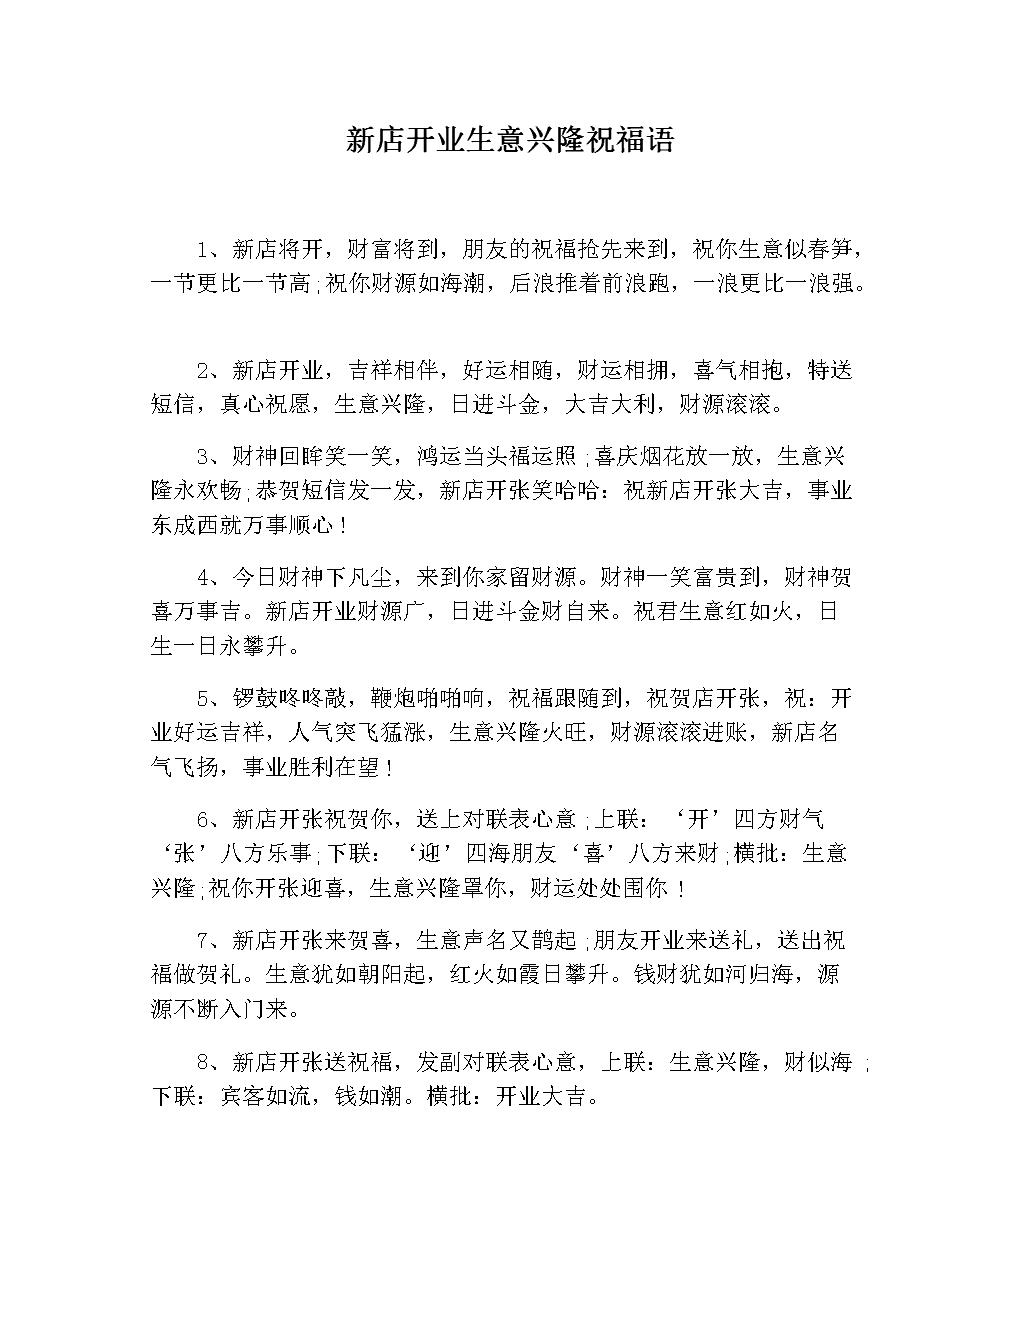 新店开业生意兴隆祝福语.doc